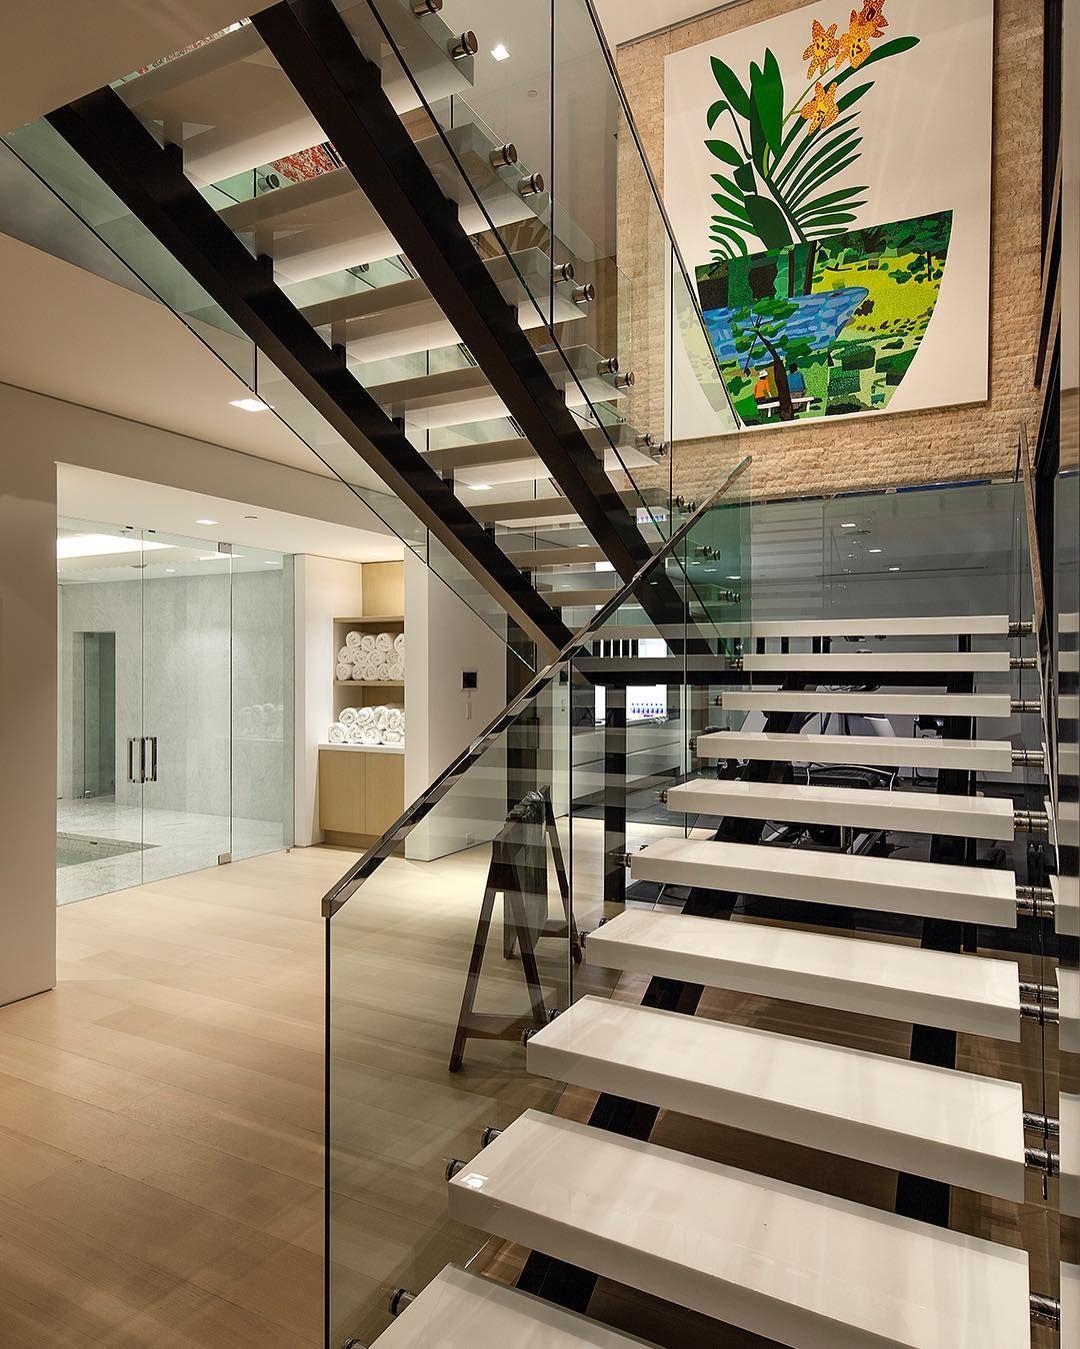 Wohnzimmer des modernen interieurs des hauses interiors design sleek sexy modern contemporary architecture